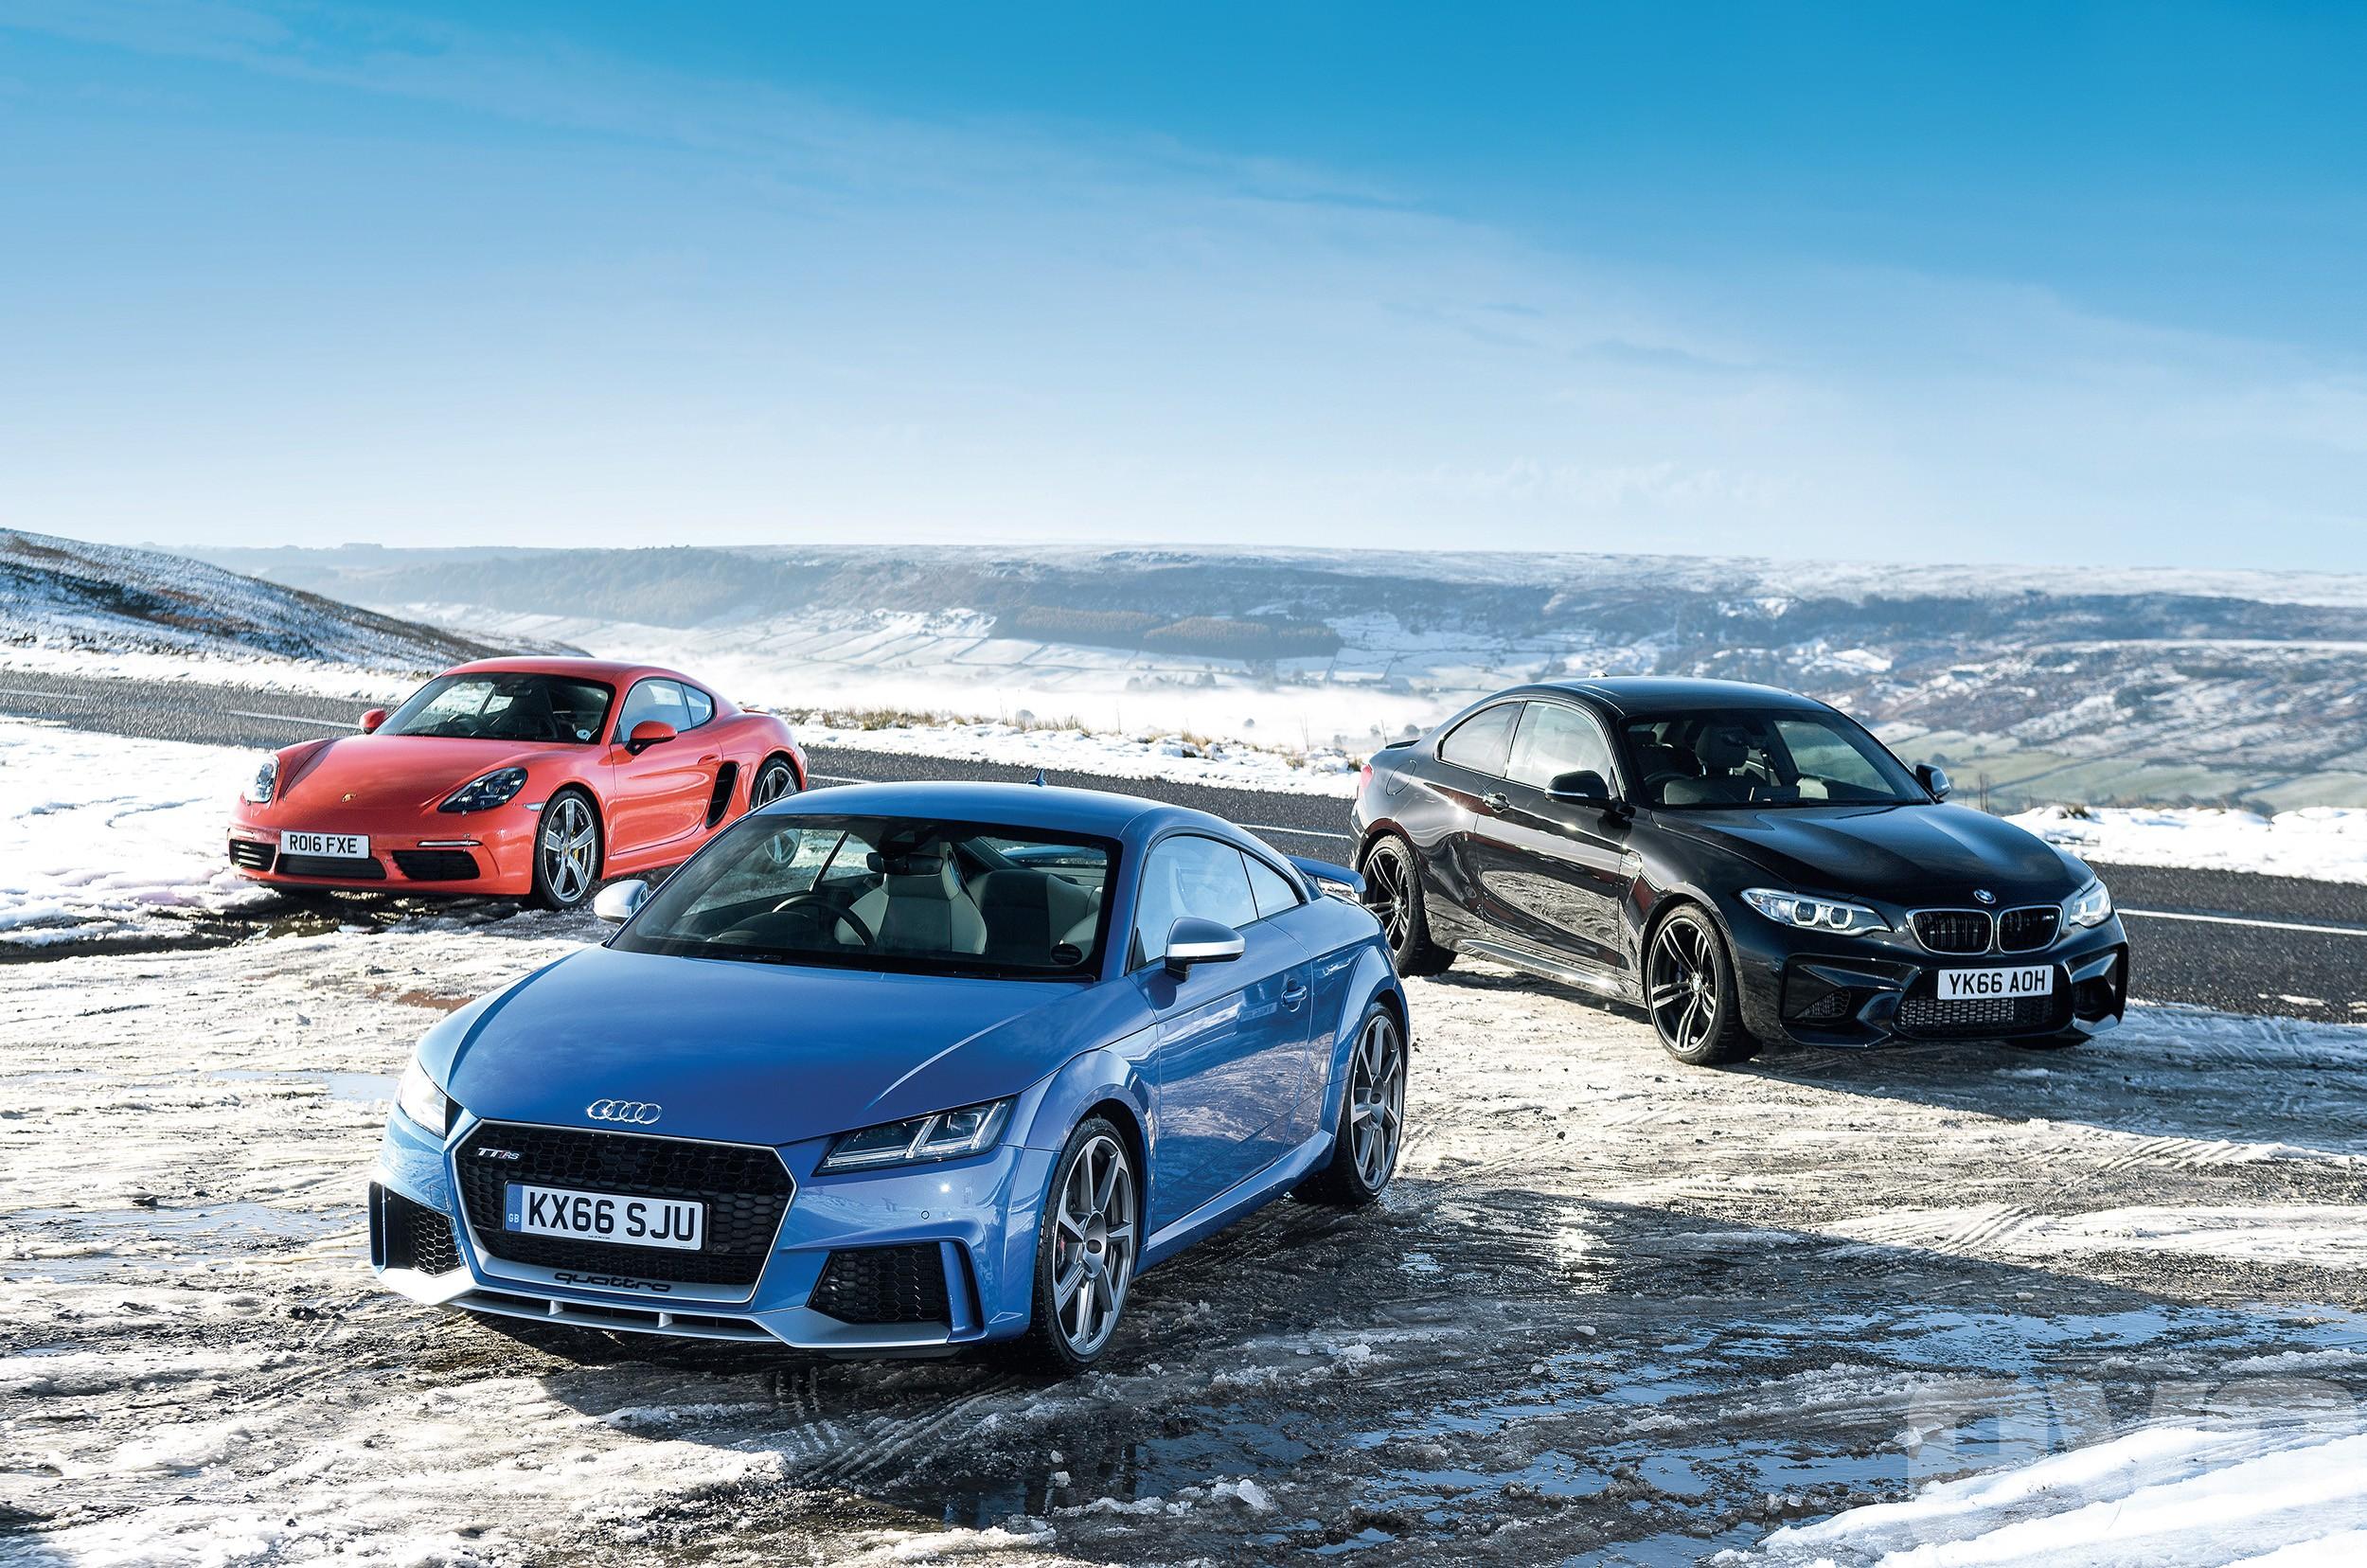 Audi RS TT, BMW M2, Porsche 718 Cayman